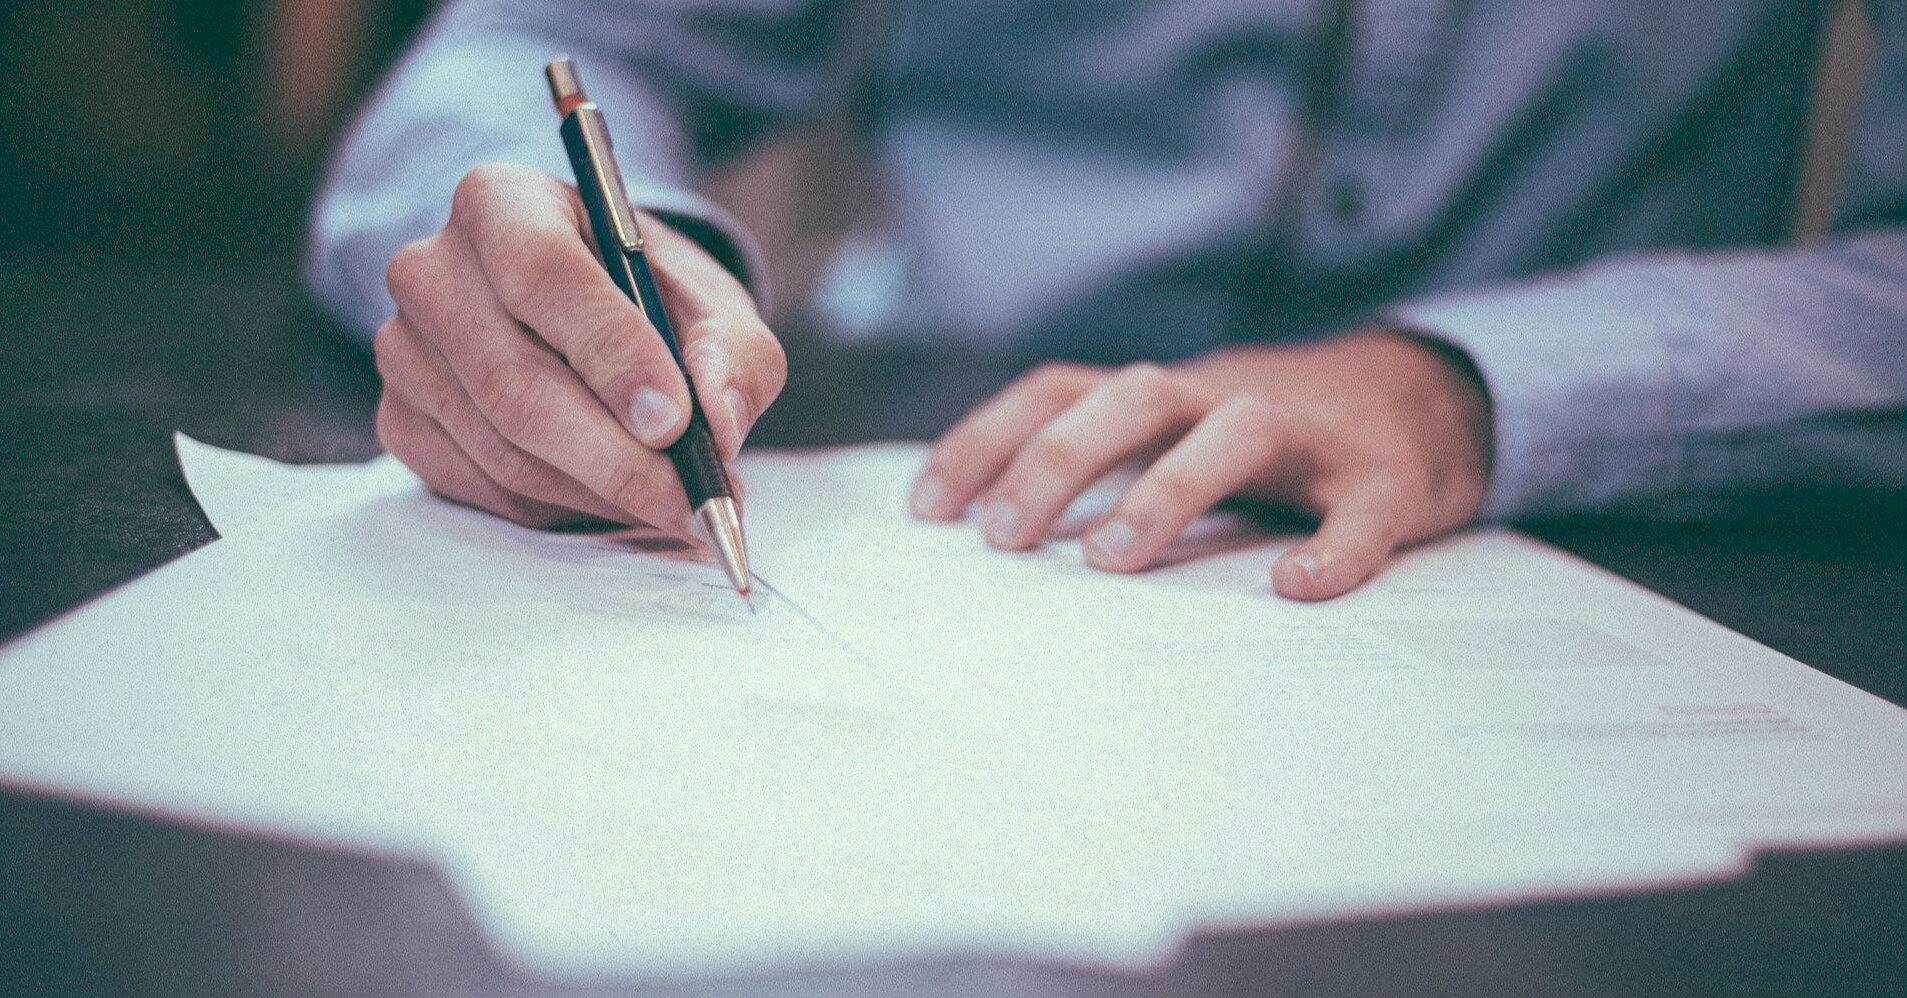 Договоры с контрагентами: самые распространенные правовые ошибки